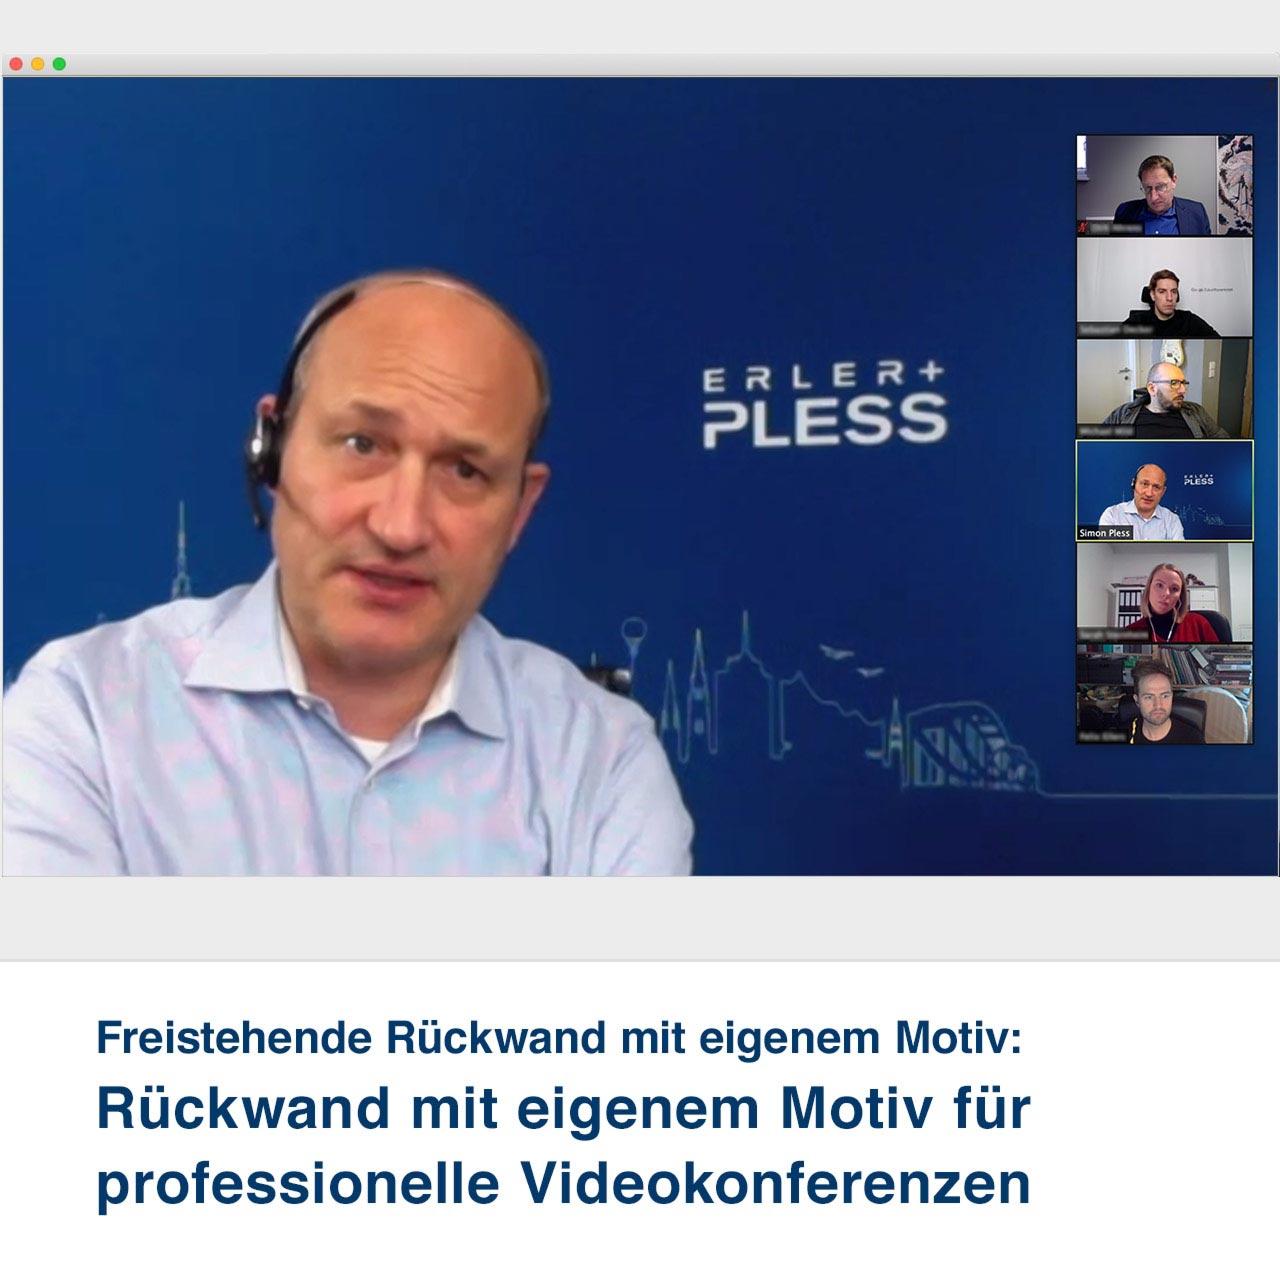 Akustik-Rückwand mit eigenem Motiv:   Rückwand mit eigenem Motiv für  professionelle Videokonferenzen